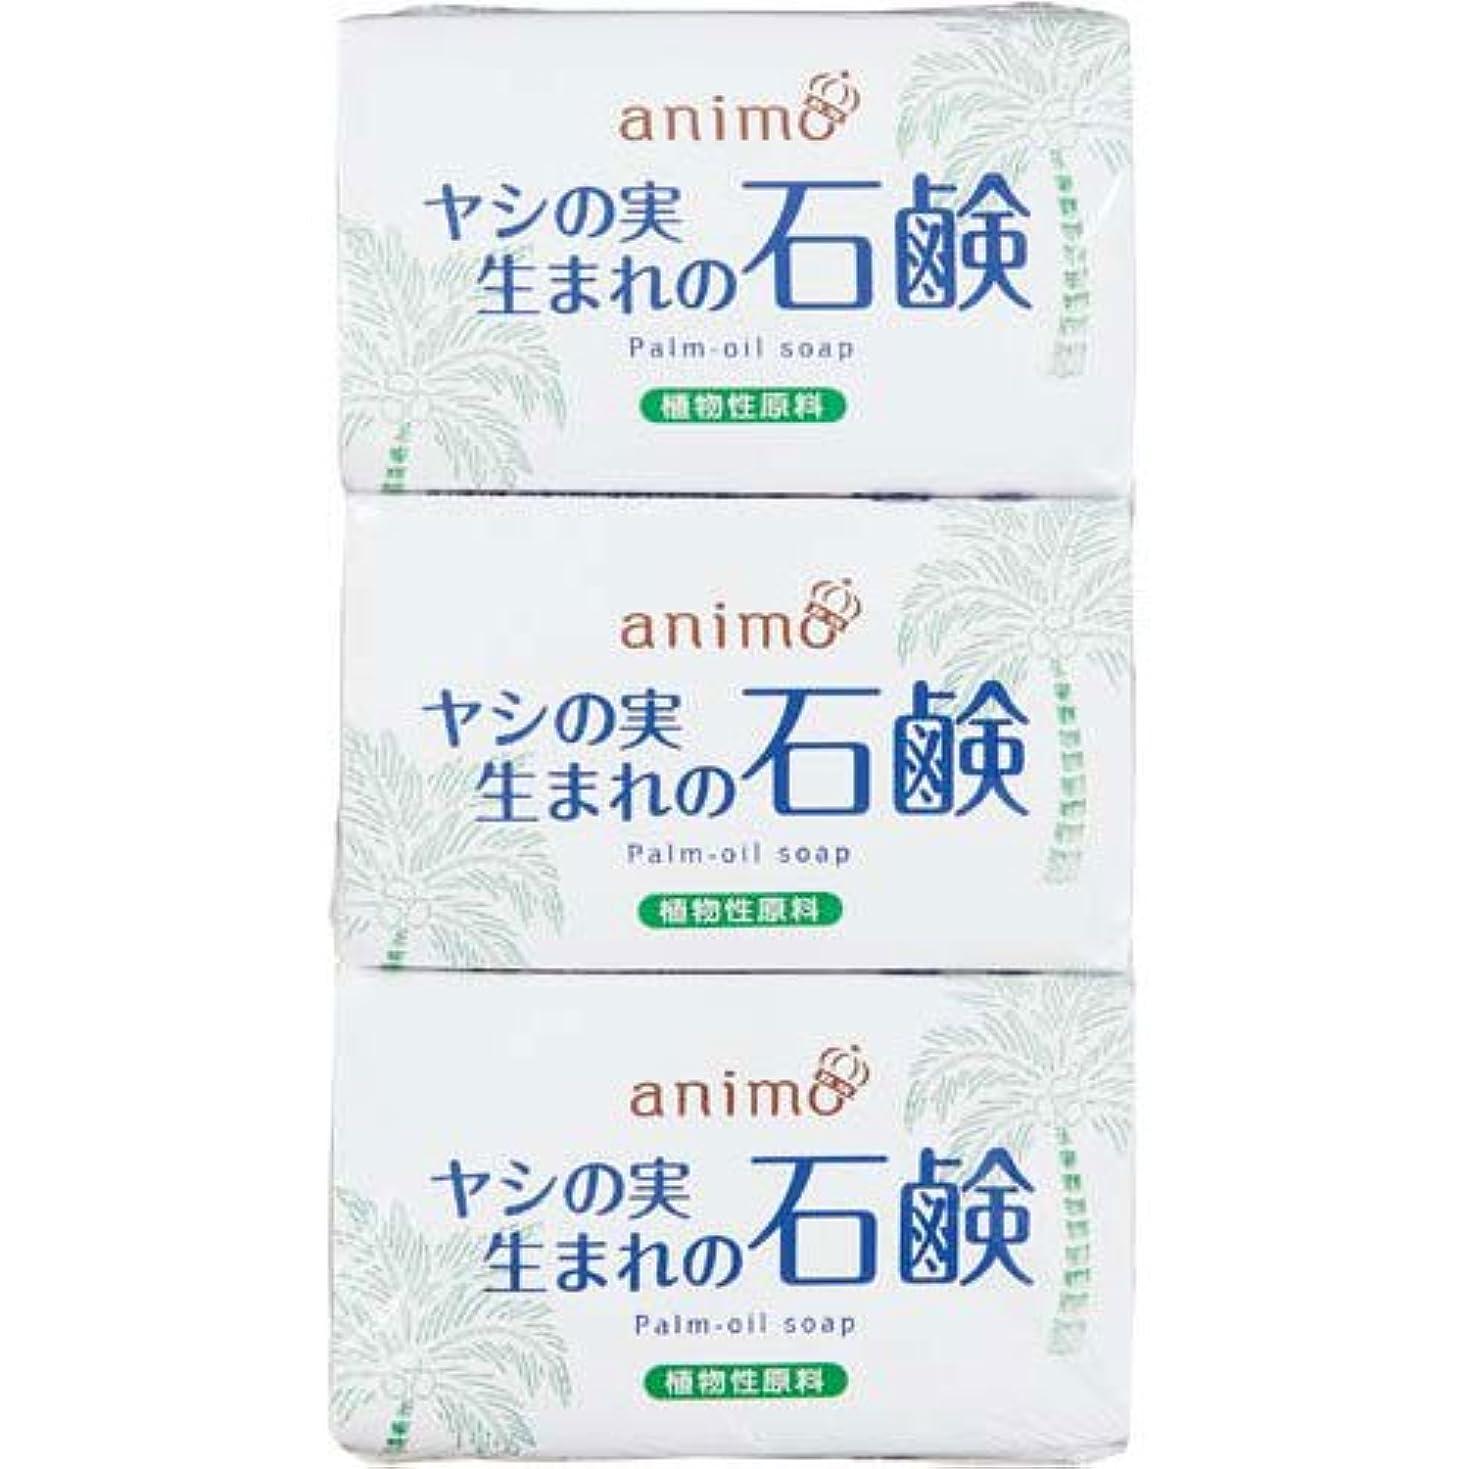 アレルギーセンチメートルぼろロケット石鹸 ヤシの実石鹸 80g×3個×40パック